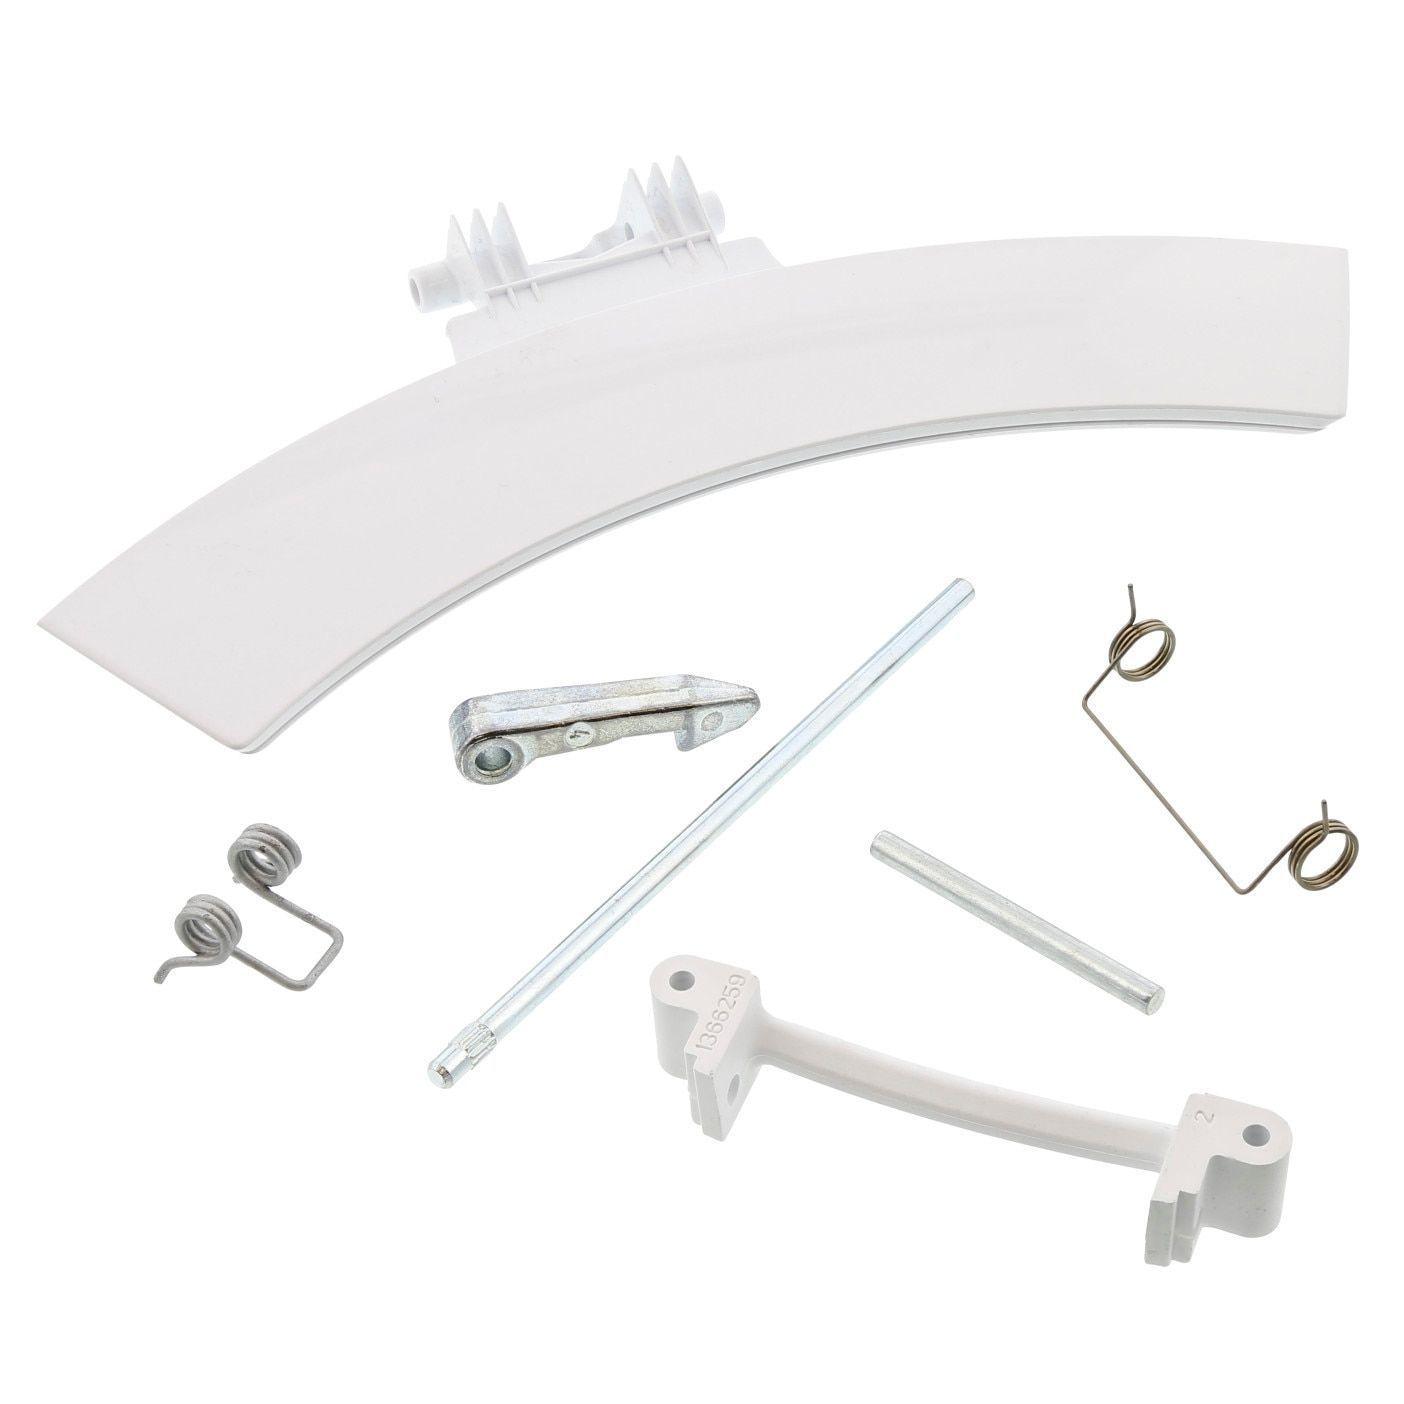 Sada na opravu madla sušiček Electrolux - 4055248019 AEG / Electrolux / Zanussi